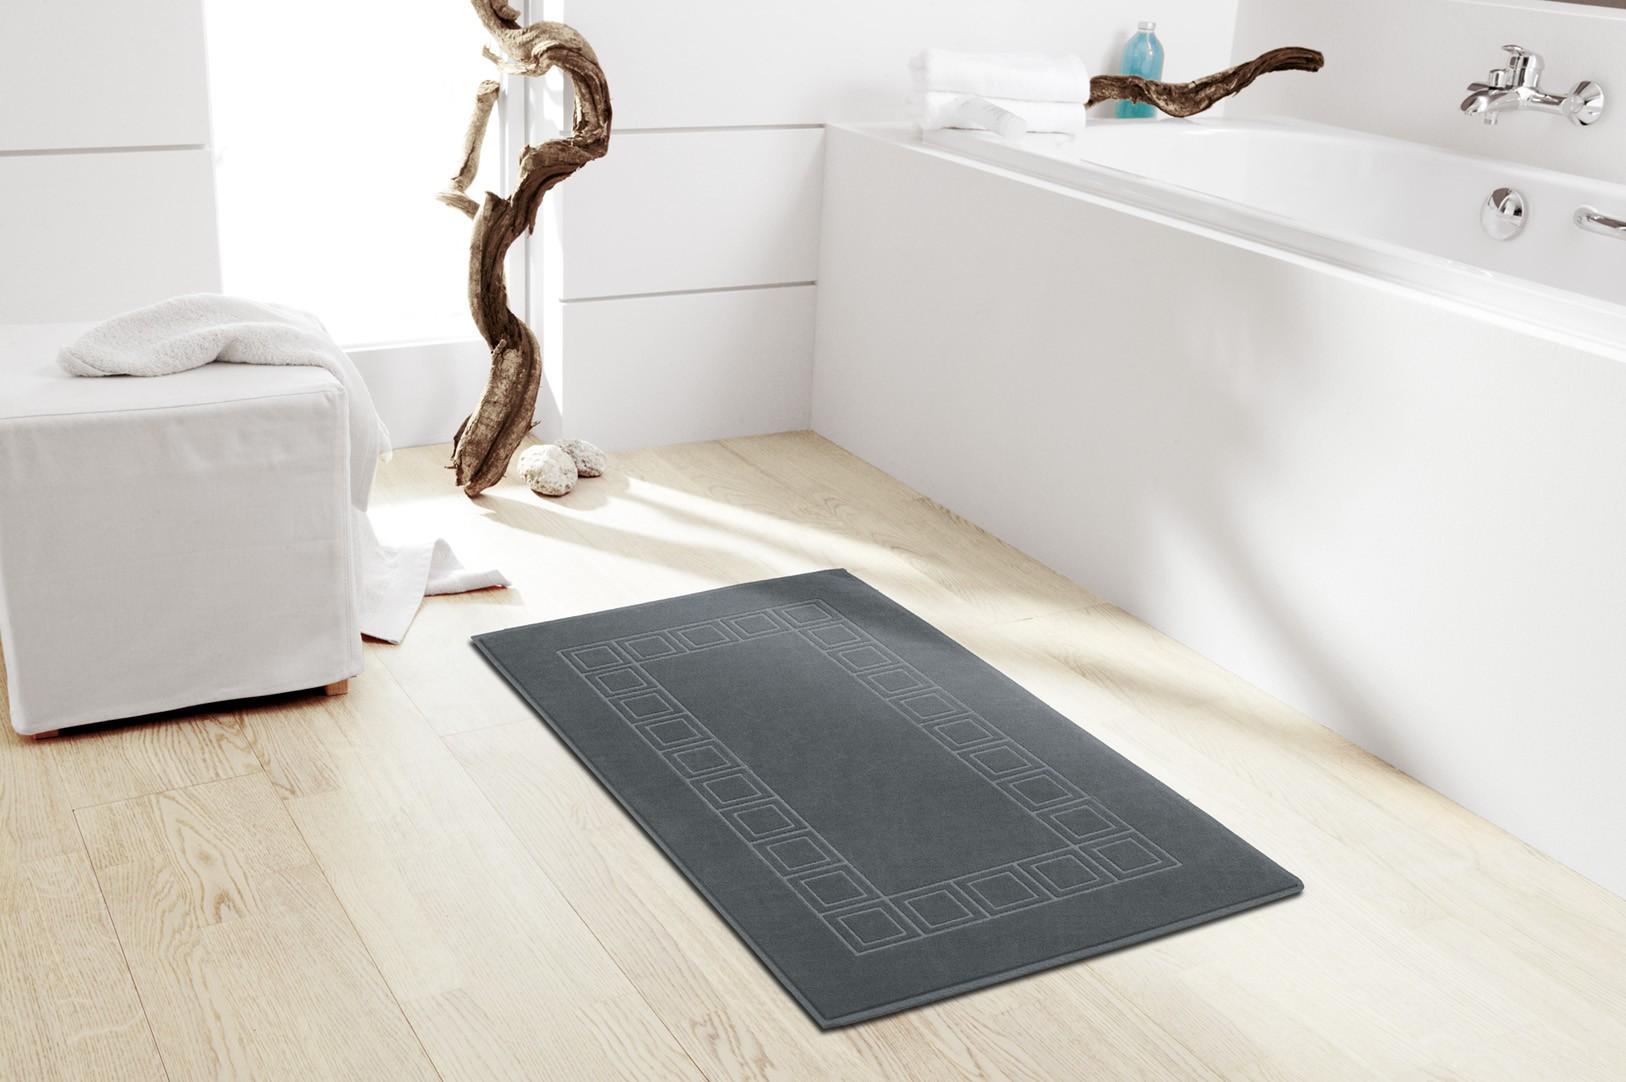 badteppich atlantis 60 x 90 palme von kleine wolke. Black Bedroom Furniture Sets. Home Design Ideas